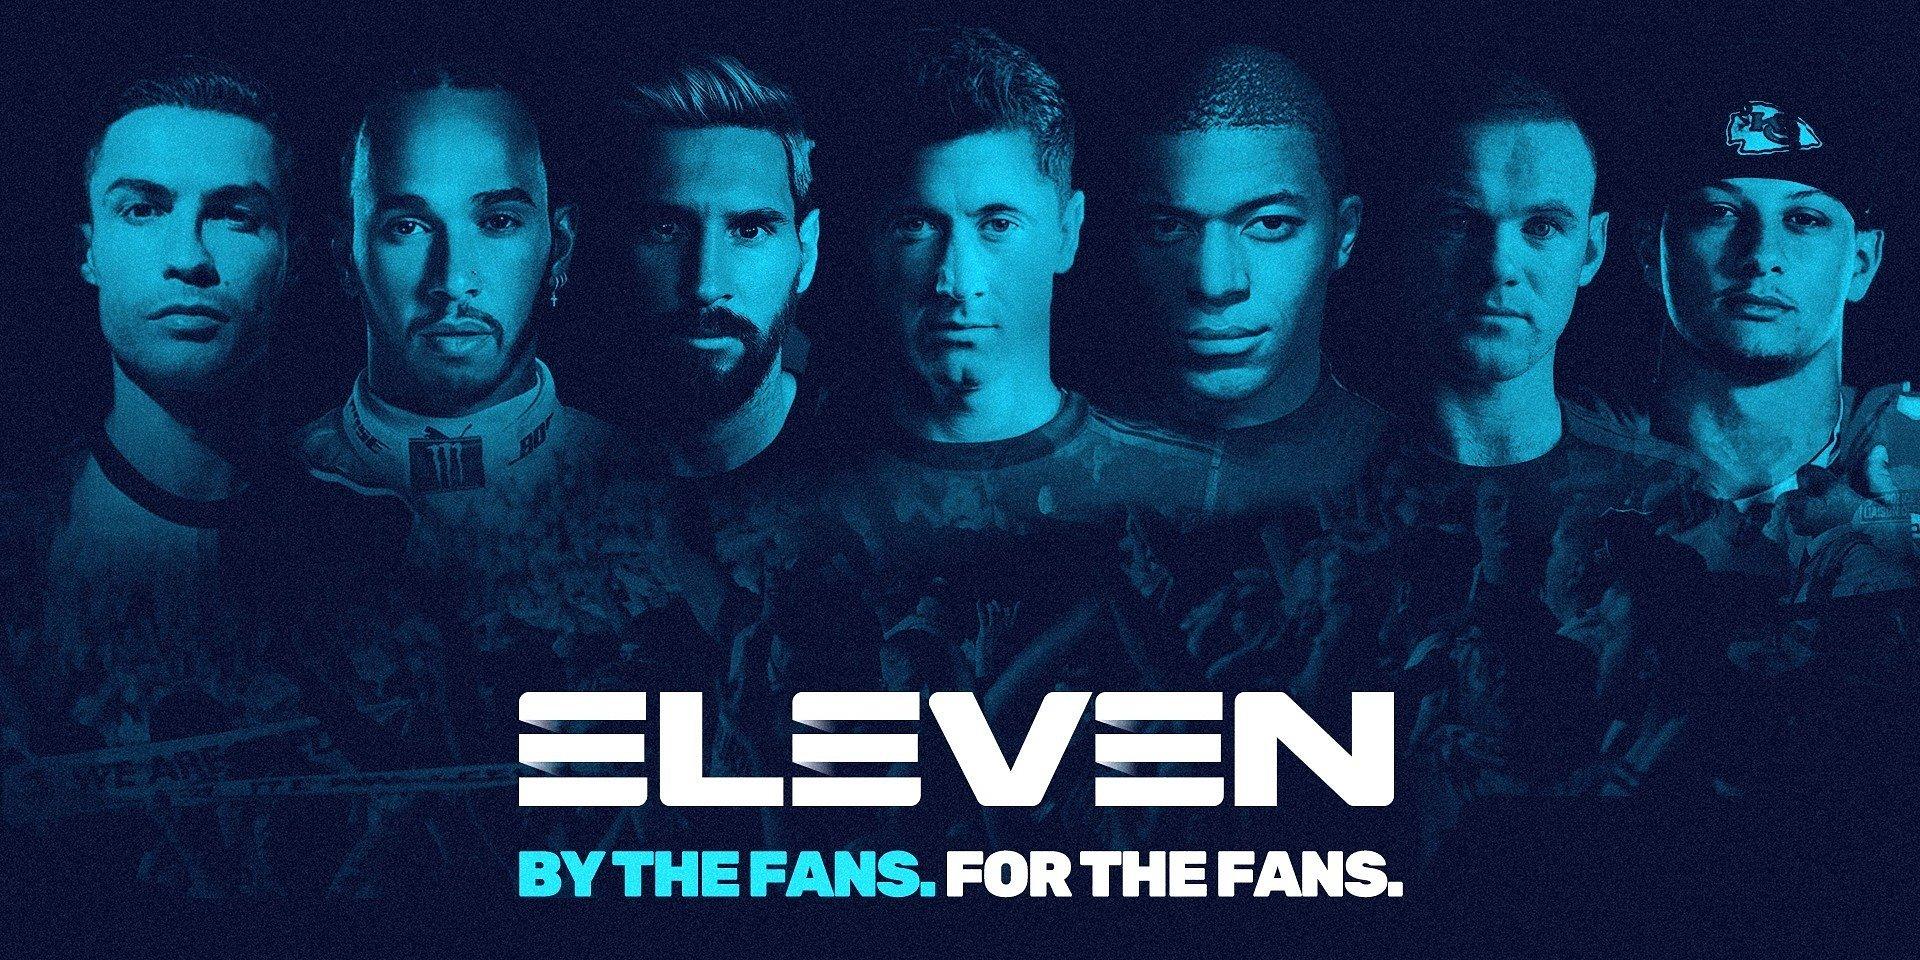 ELEVEN aposta na maior cobertura de sempre para o Grande Prémio de Portugal de Fórmula 1